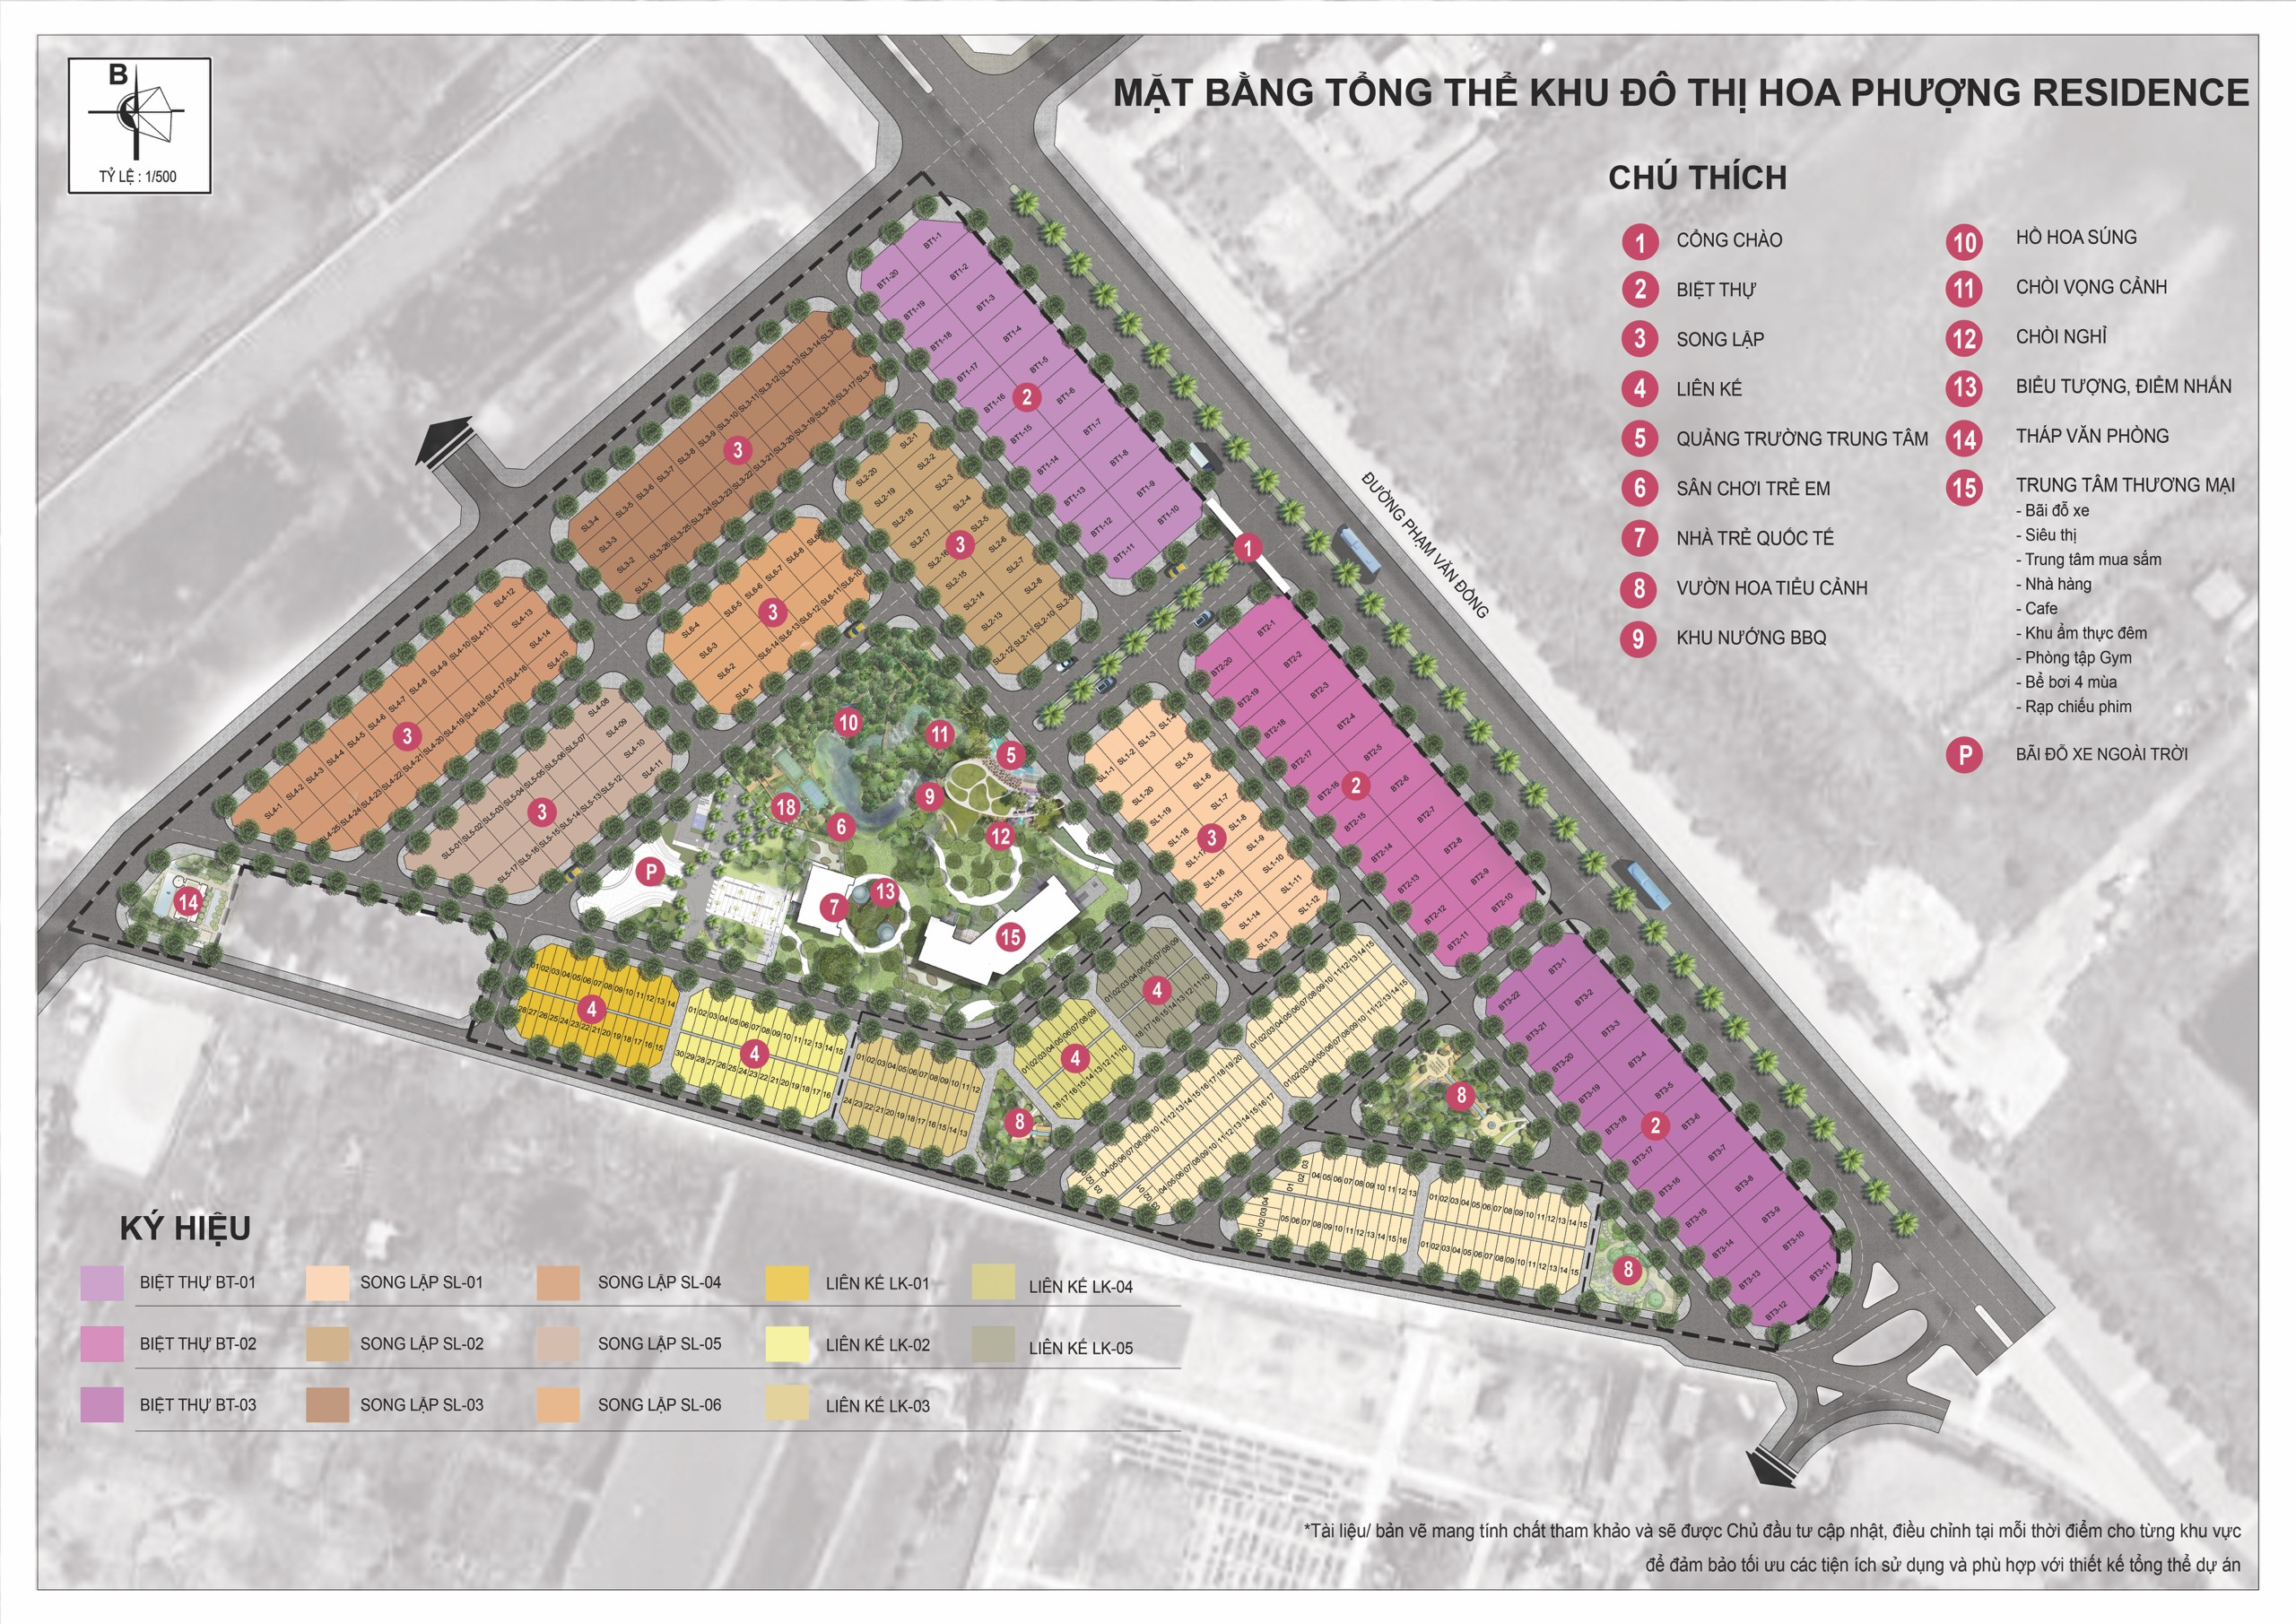 Mặt bằng tổng quan dự án Hoa Phượng Residence Đồ Sơn HP